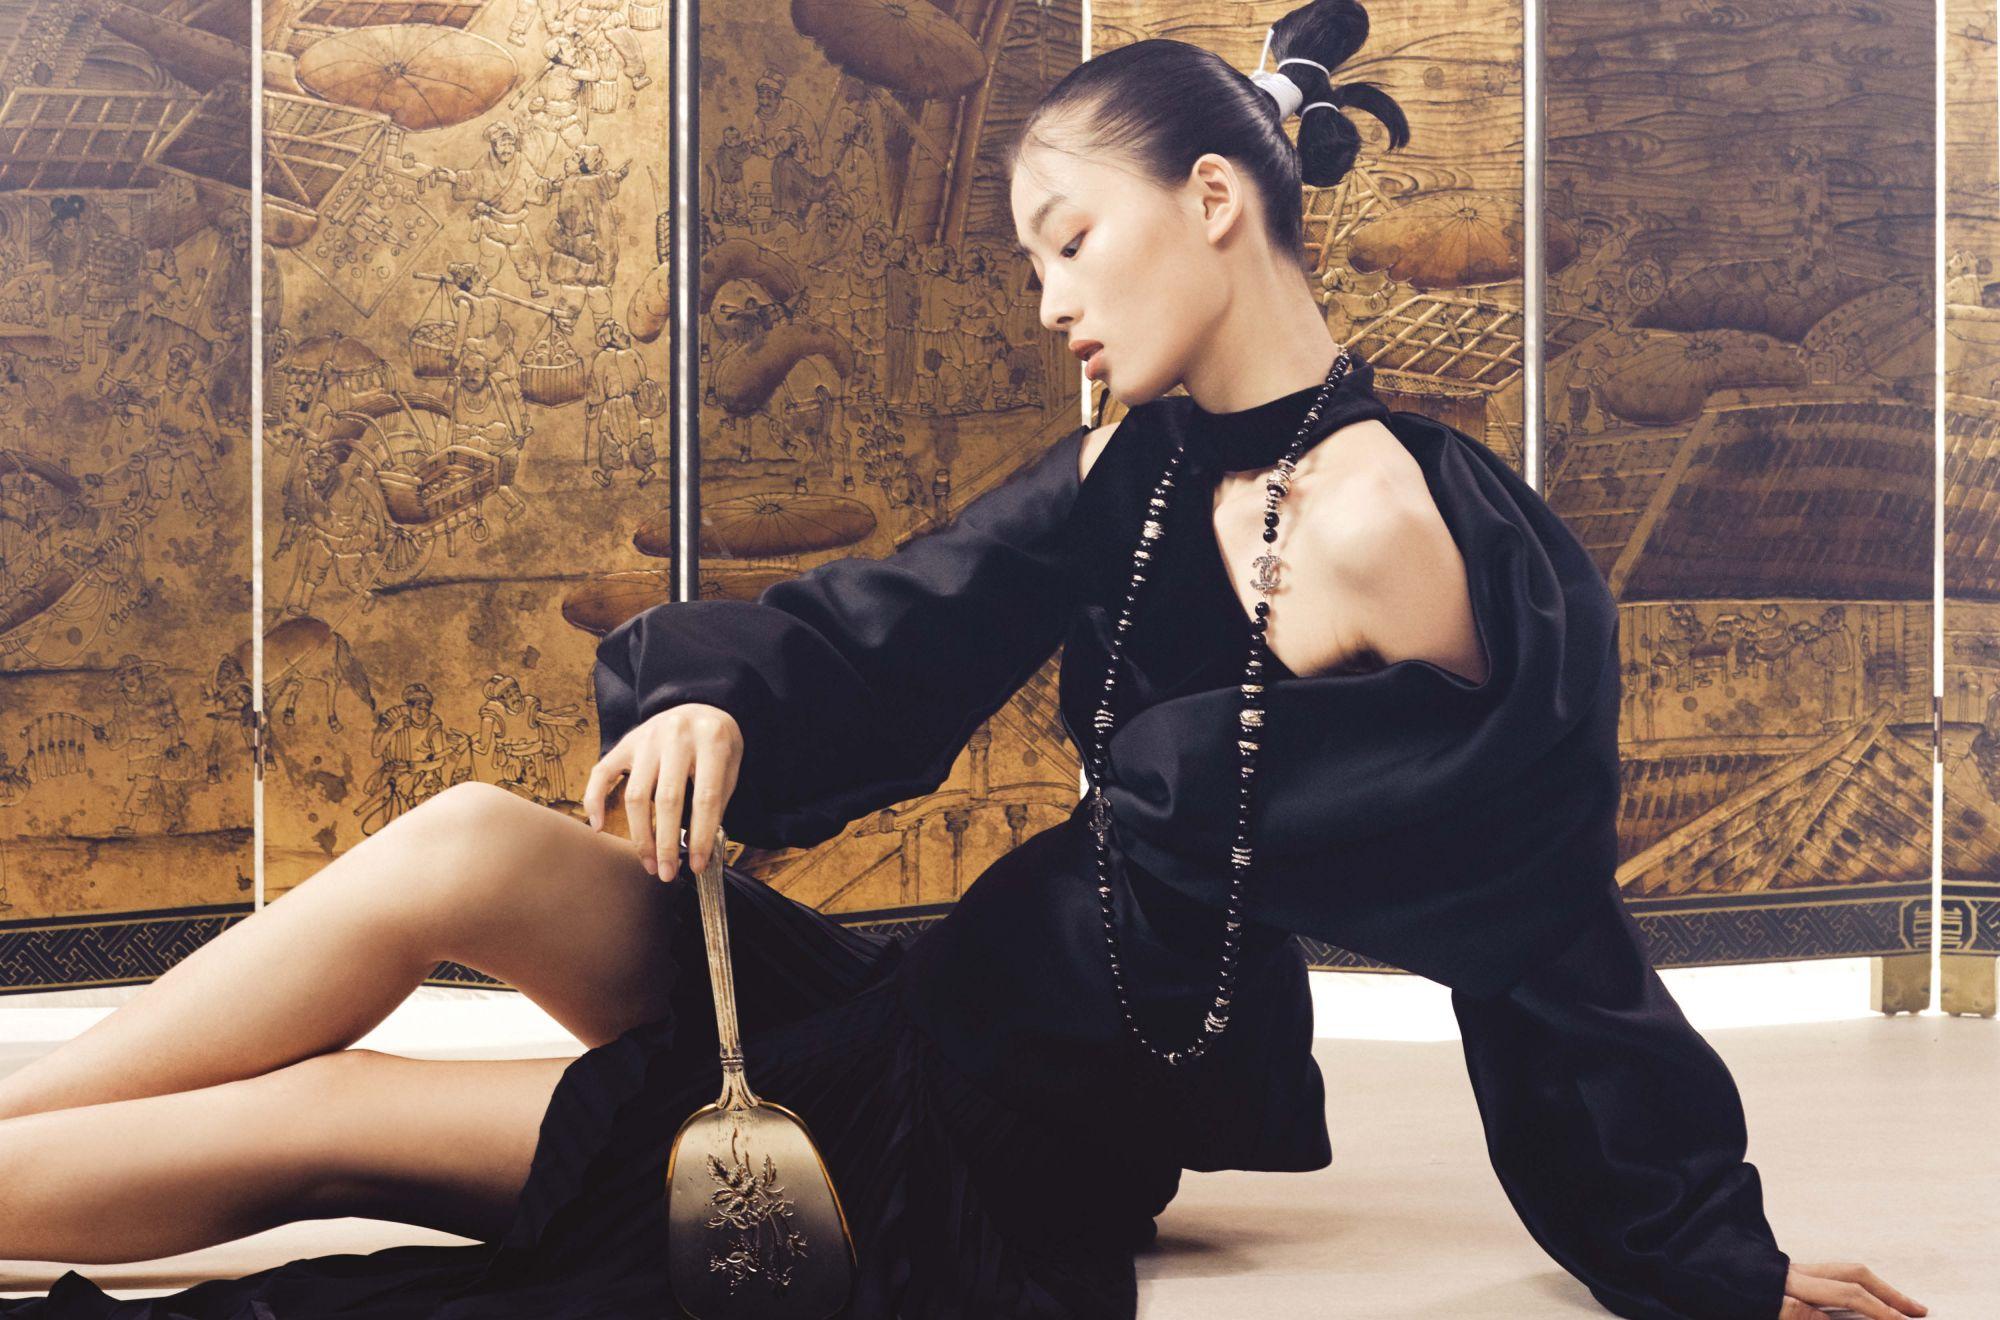 Shop The Shoot: Yin & Yang